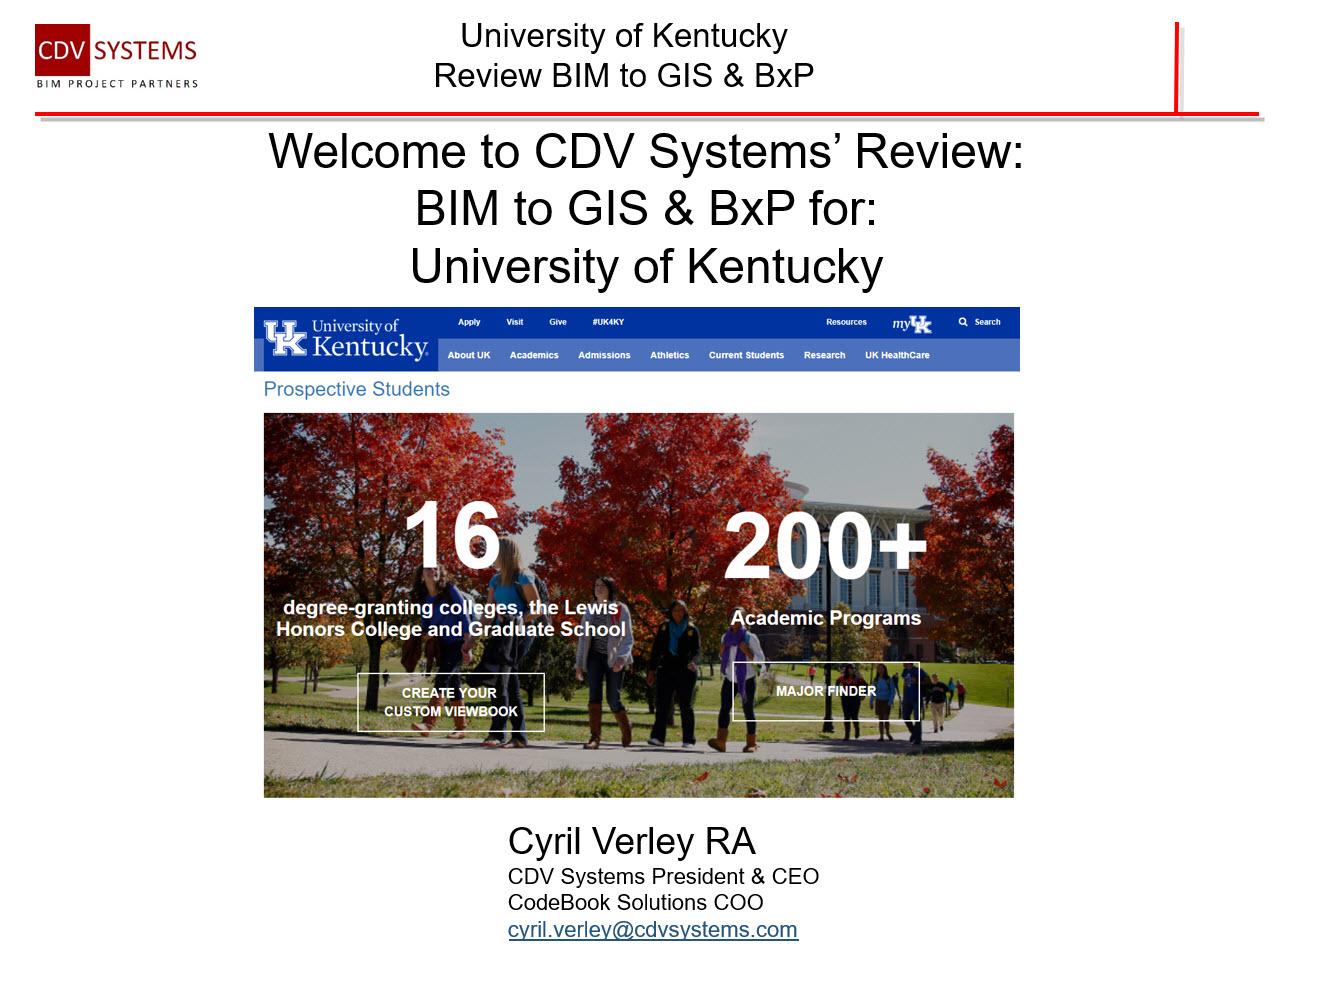 University of Kentucky_001a.jpg